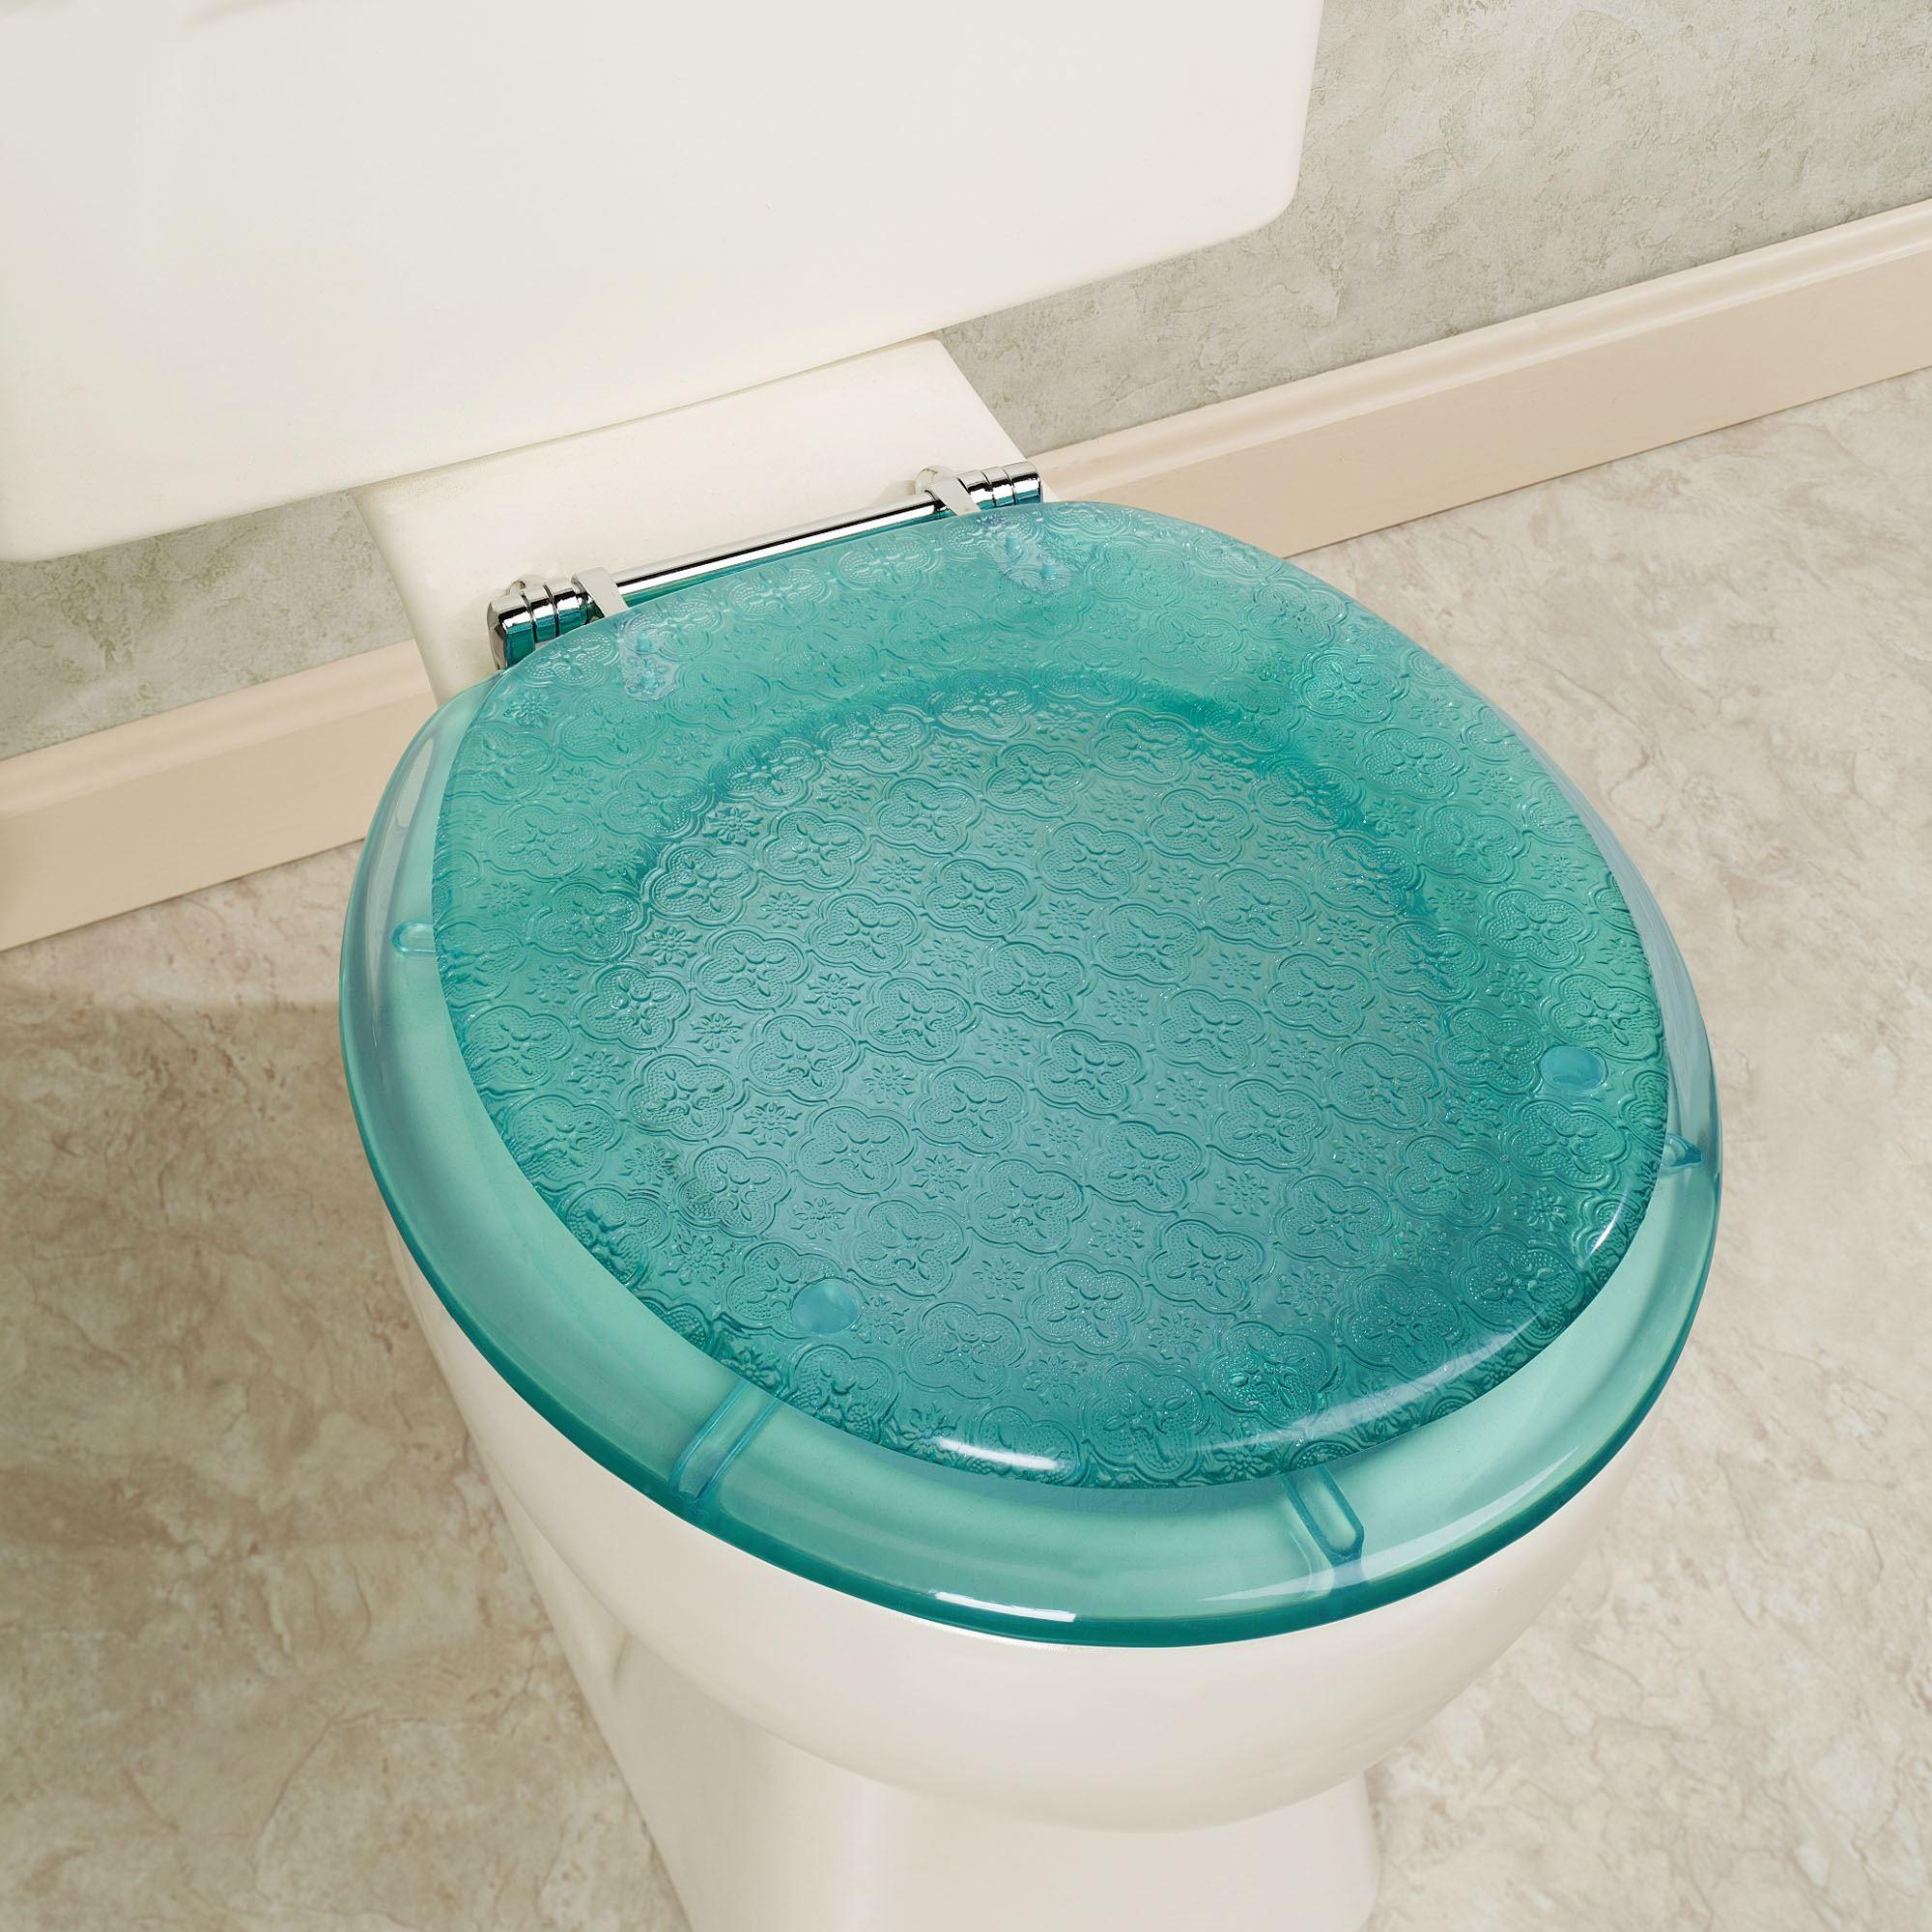 Сиденье для унитаза голубого цвета